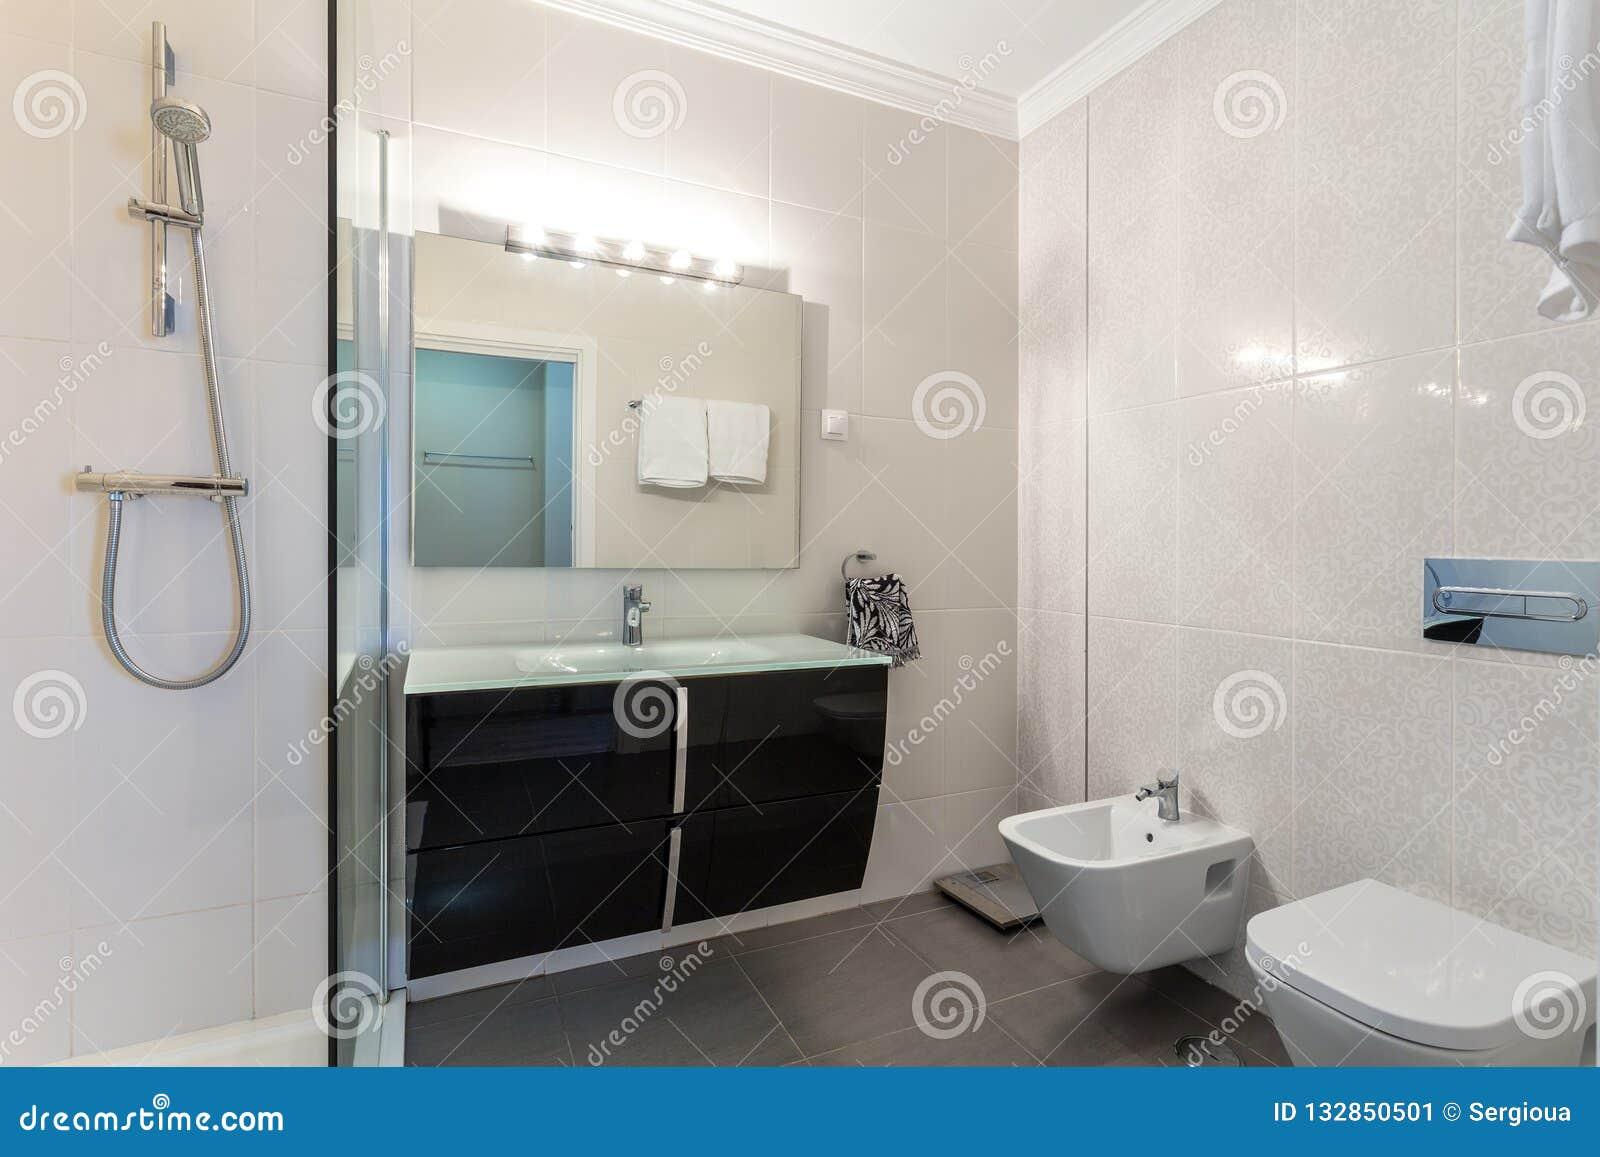 Pièce De Douche Moderne De Salle De Bains Avec La Toilette Et Les ...